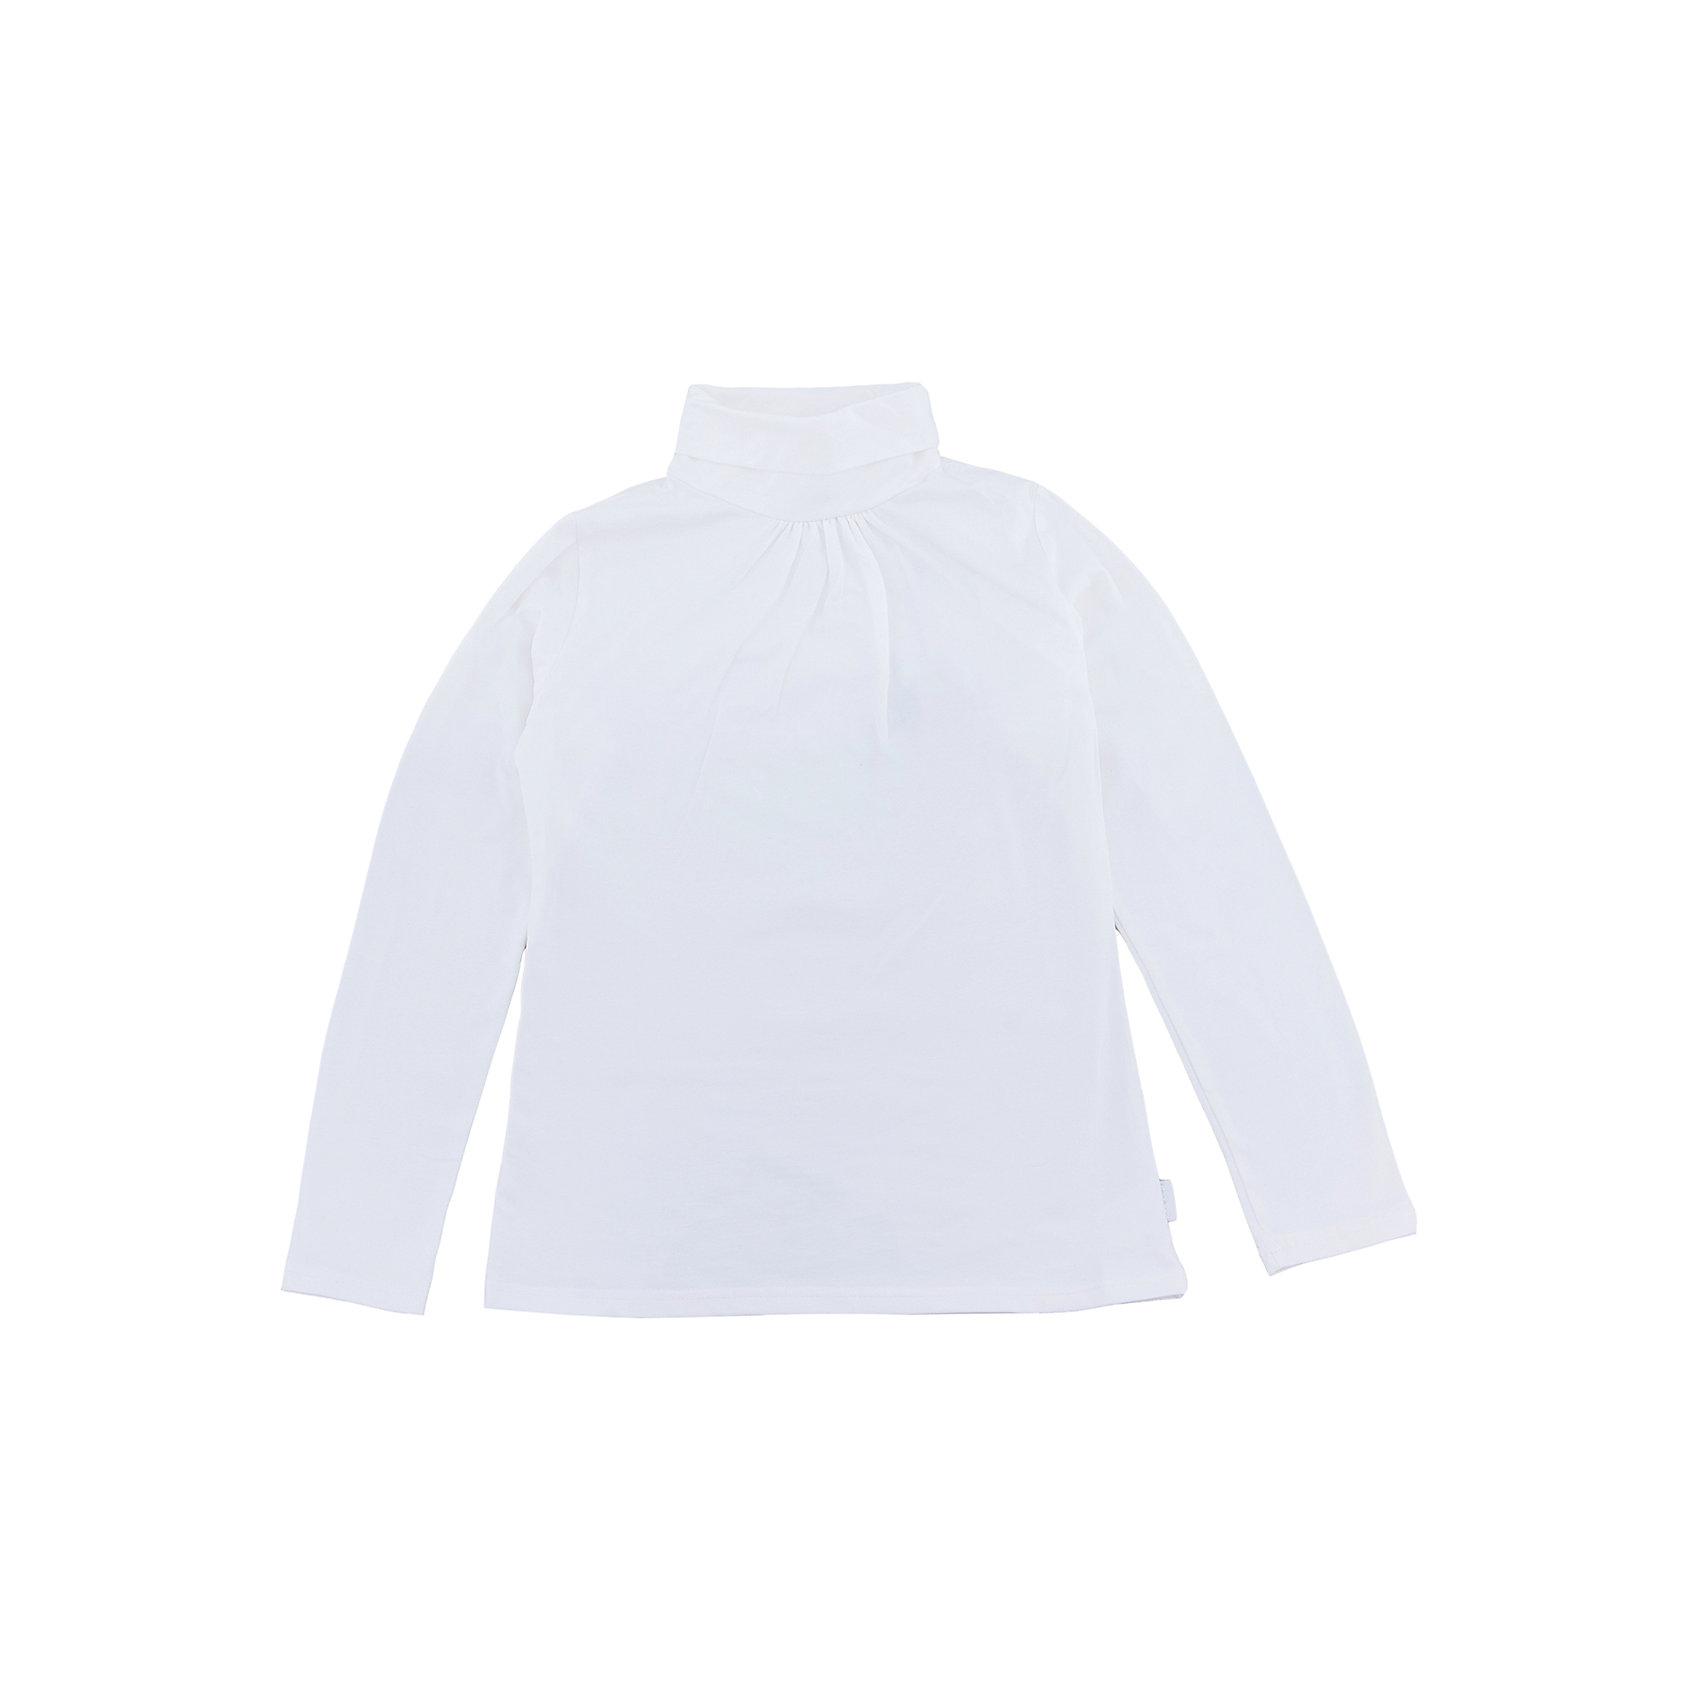 Водолазка для девочки LuminosoВодолазки<br>Водолазка для девочки от известного бренда Luminoso<br>Водолазка для девочек из мягкого трикотажа с воротником «гольф» , декорированная сборкой по горловине.<br>Состав:<br>95% хлопок, 5% эластан<br><br>Ширина мм: 230<br>Глубина мм: 40<br>Высота мм: 220<br>Вес г: 250<br>Цвет: молочный<br>Возраст от месяцев: 120<br>Возраст до месяцев: 132<br>Пол: Женский<br>Возраст: Детский<br>Размер: 146,128,134,140,152,158,164<br>SKU: 4728893